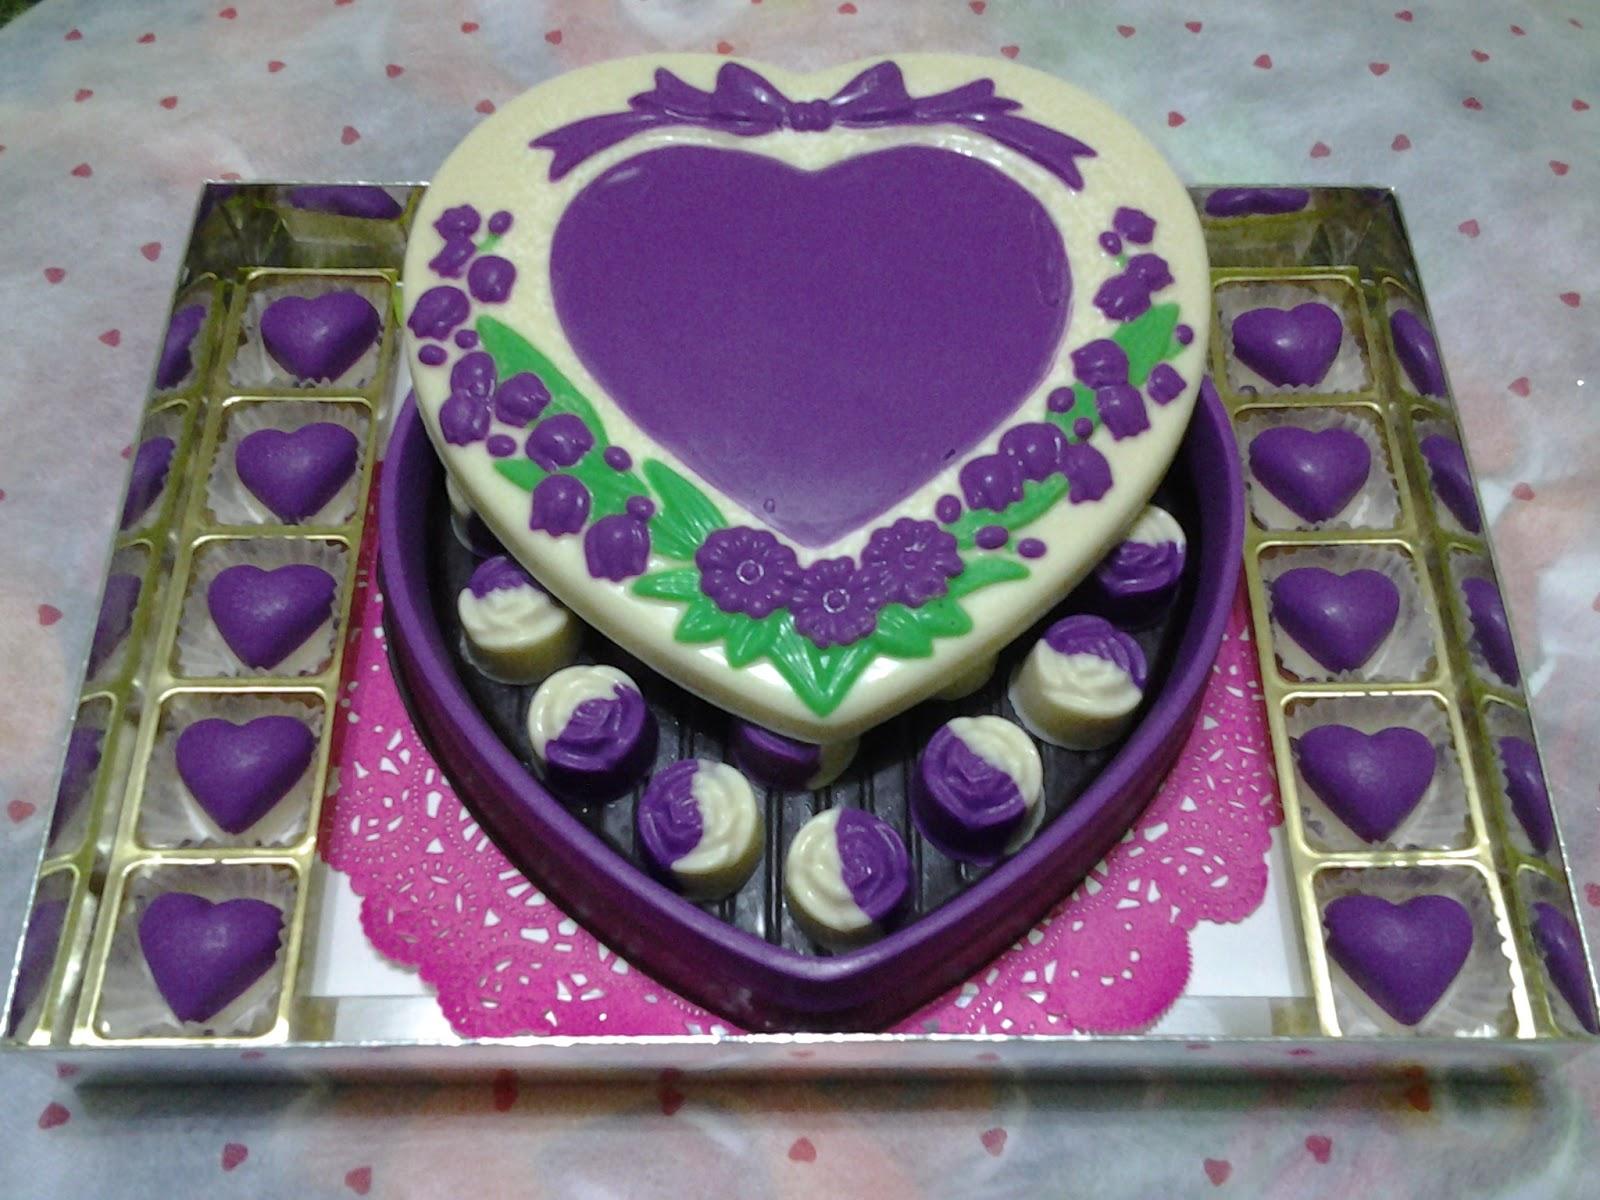 Febrero El Febrero De Amistad Madera La Dia Arreglos De De 14 En Y Del Para Amor 14 Caja